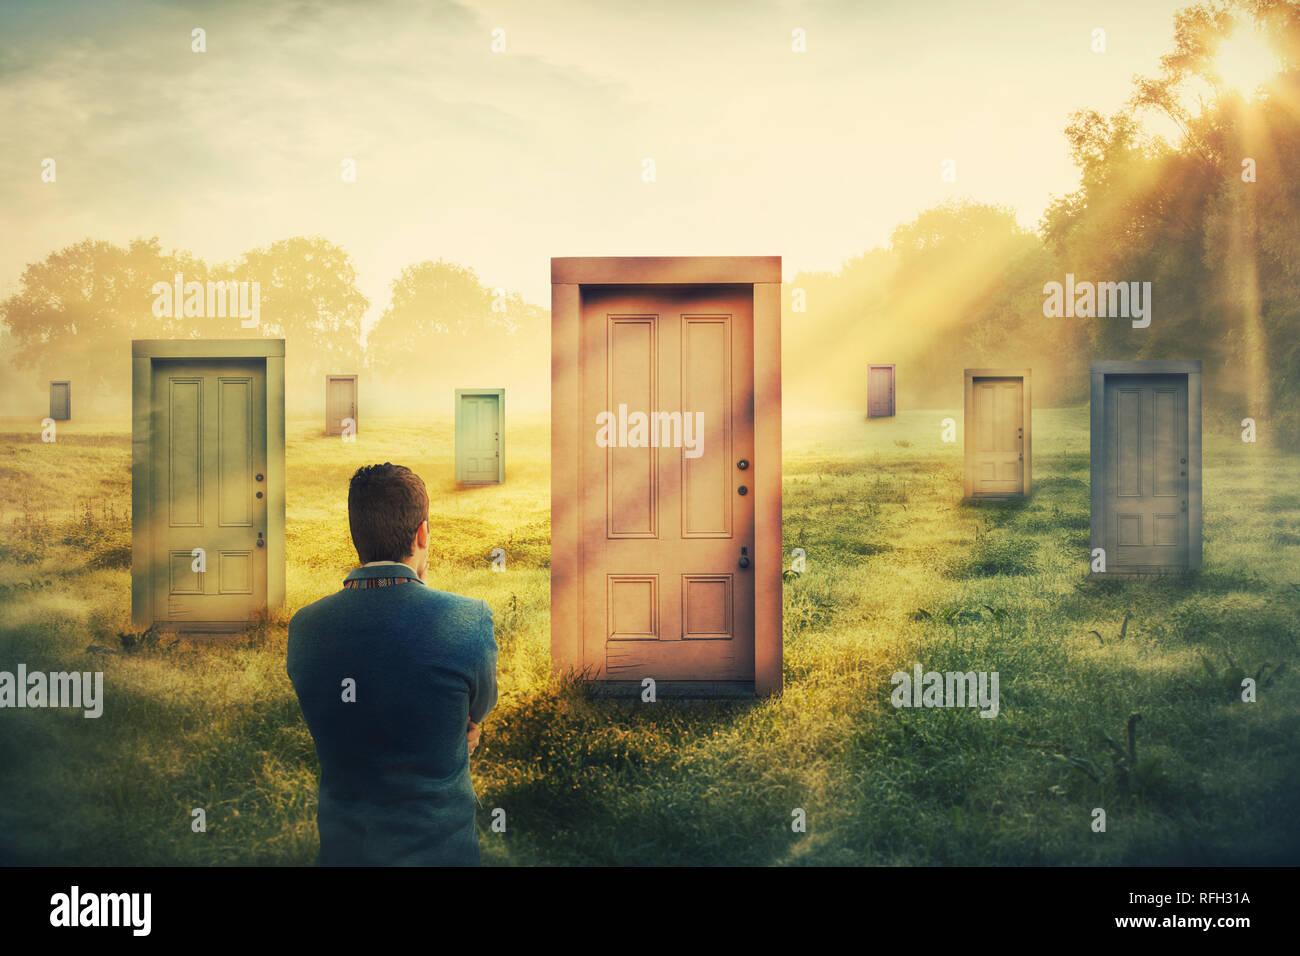 Vista trasera del hombre delante de muchos diferentes puertas de escoger uno. Difícil decisión, el concepto de elección importante en la vida, el éxito o el fracaso. Formas de unkn Foto de stock